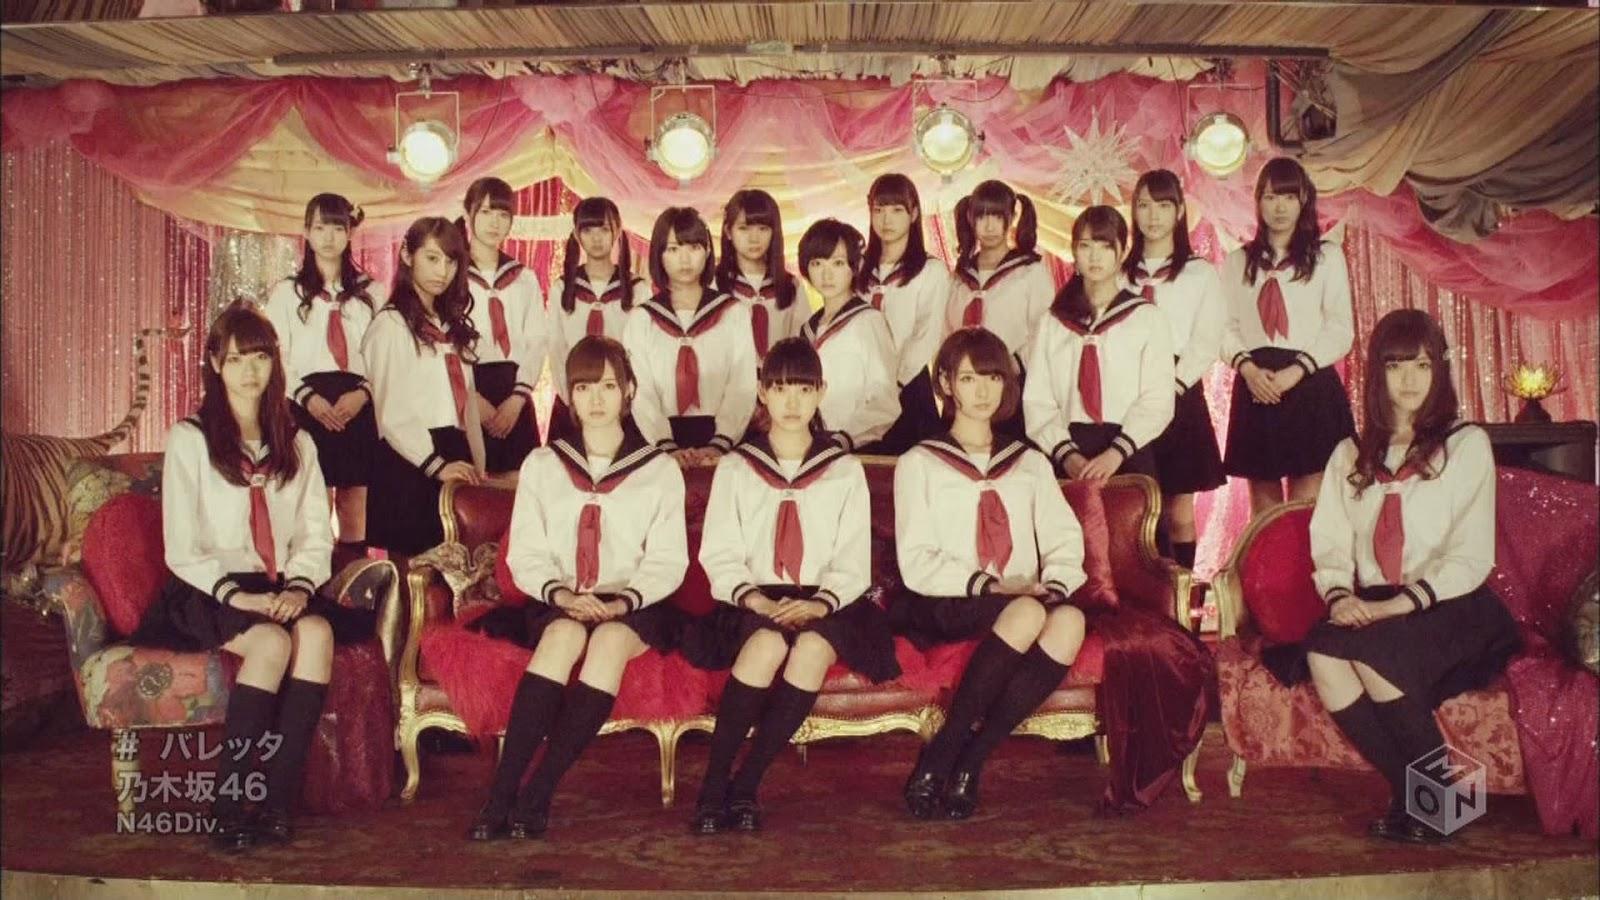 Pv nogizaka46 tsuki no okisa